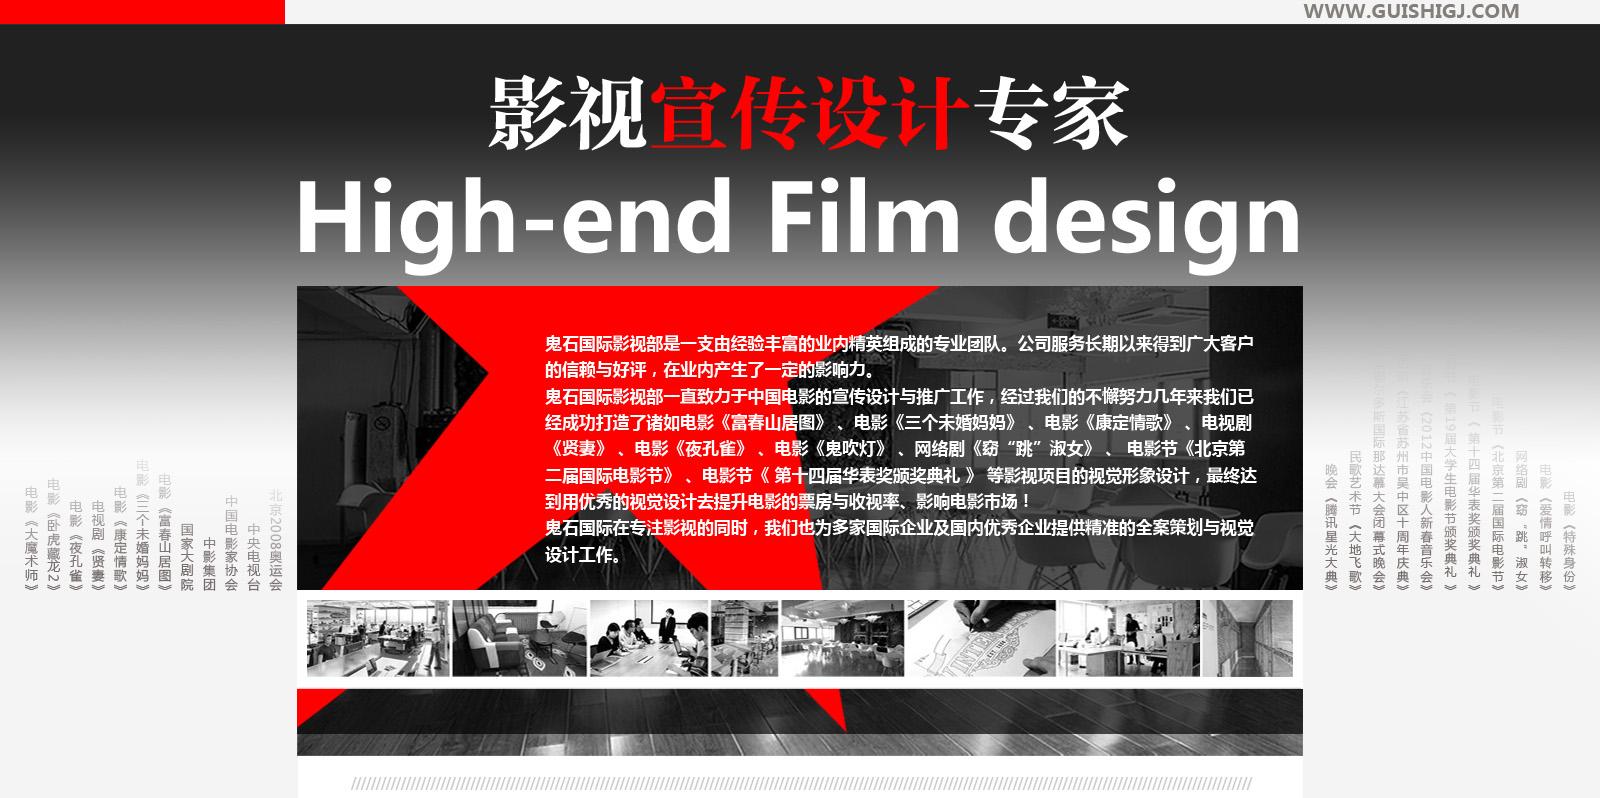 (20161229)影视宣传设计(LOGO)-1600点-1.jpg